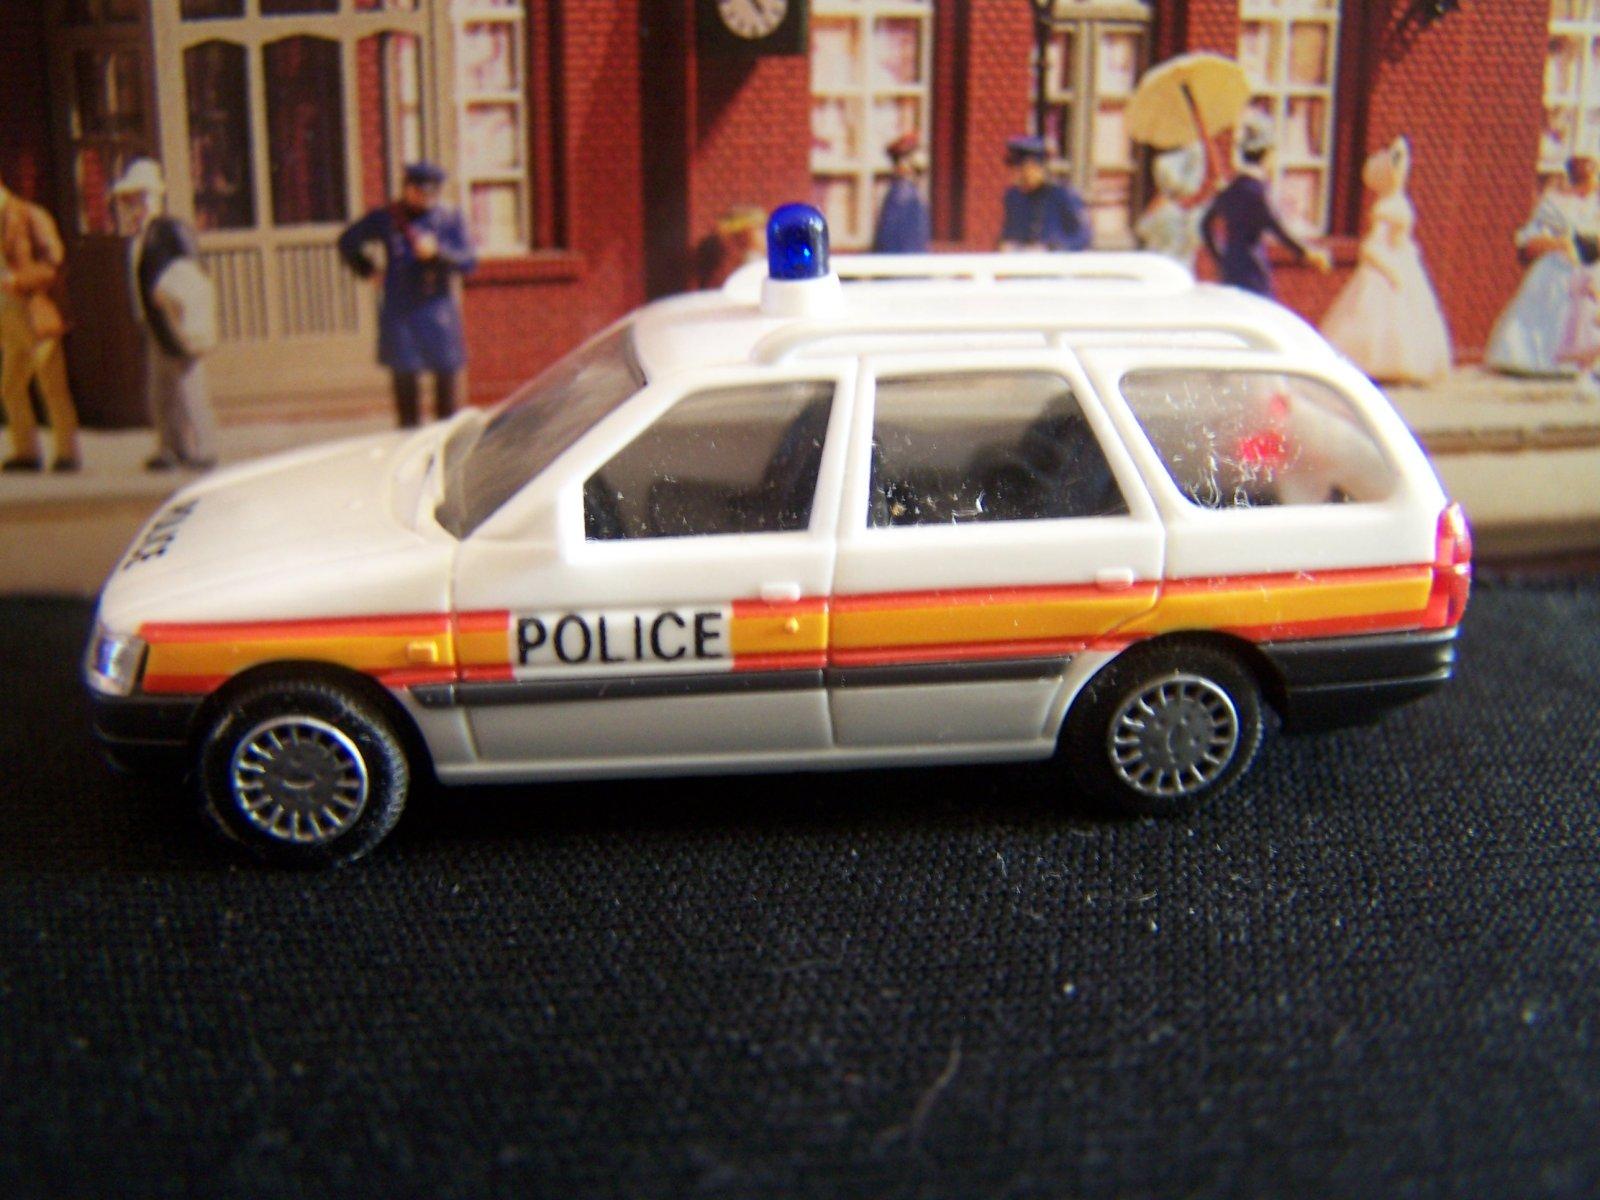 voitures de police 1 18 1 87 magasins ayant les mod les auto art ut models page 4 auto titre. Black Bedroom Furniture Sets. Home Design Ideas